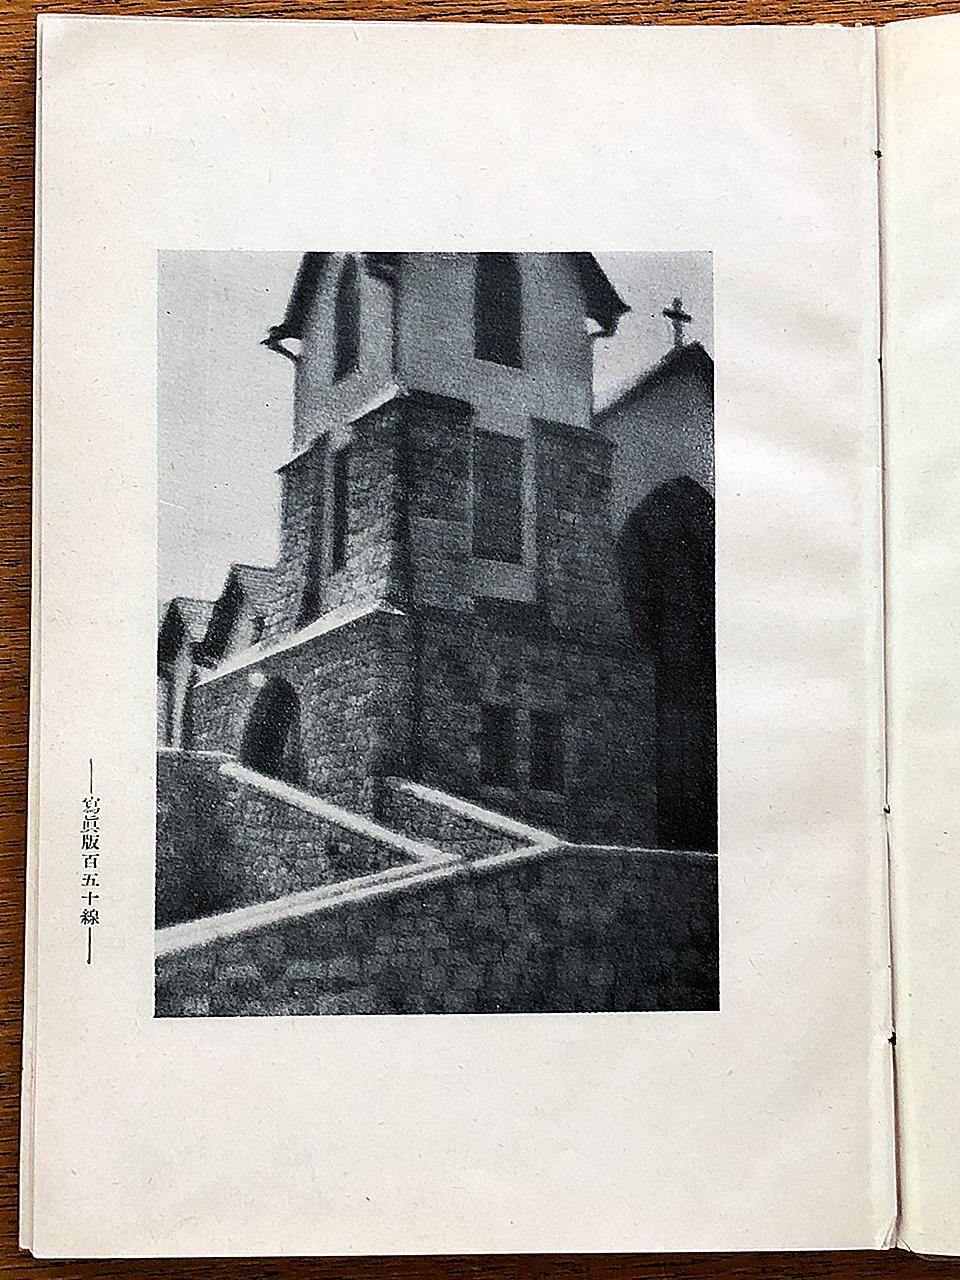 からふね屋1927年営業のしおり1色印刷